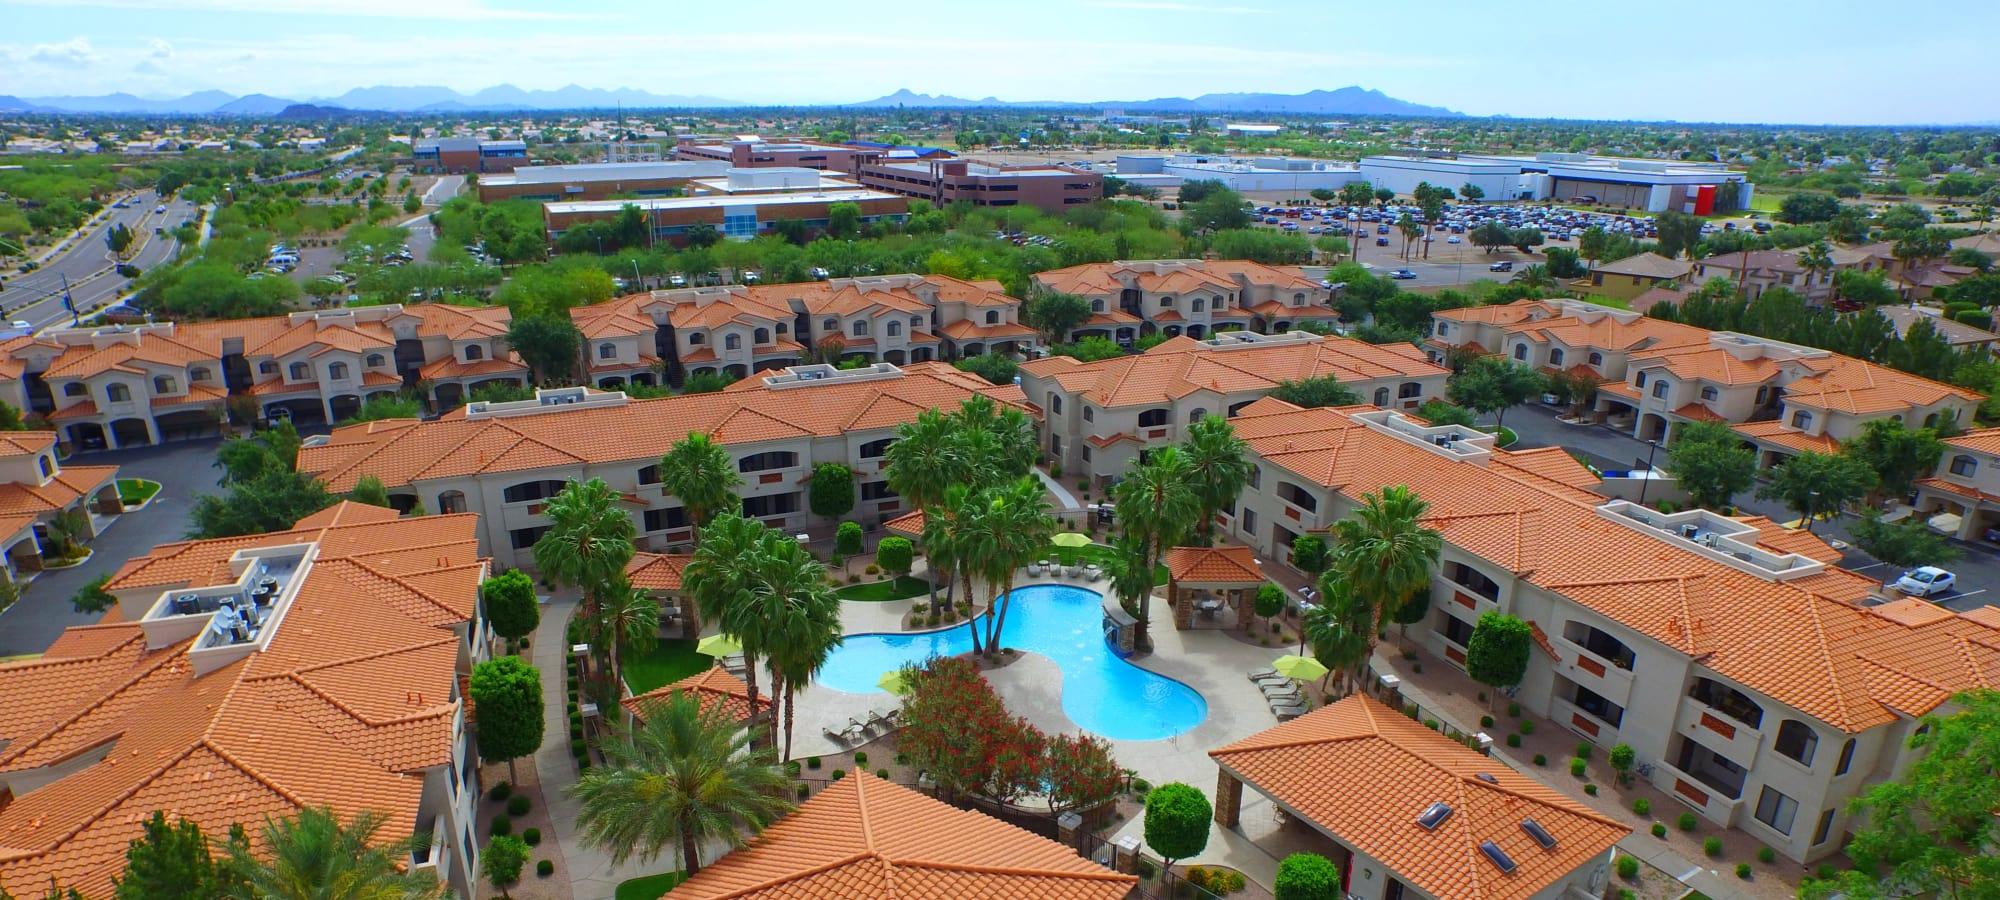 San Prado aerial view in Glendale, Arizona